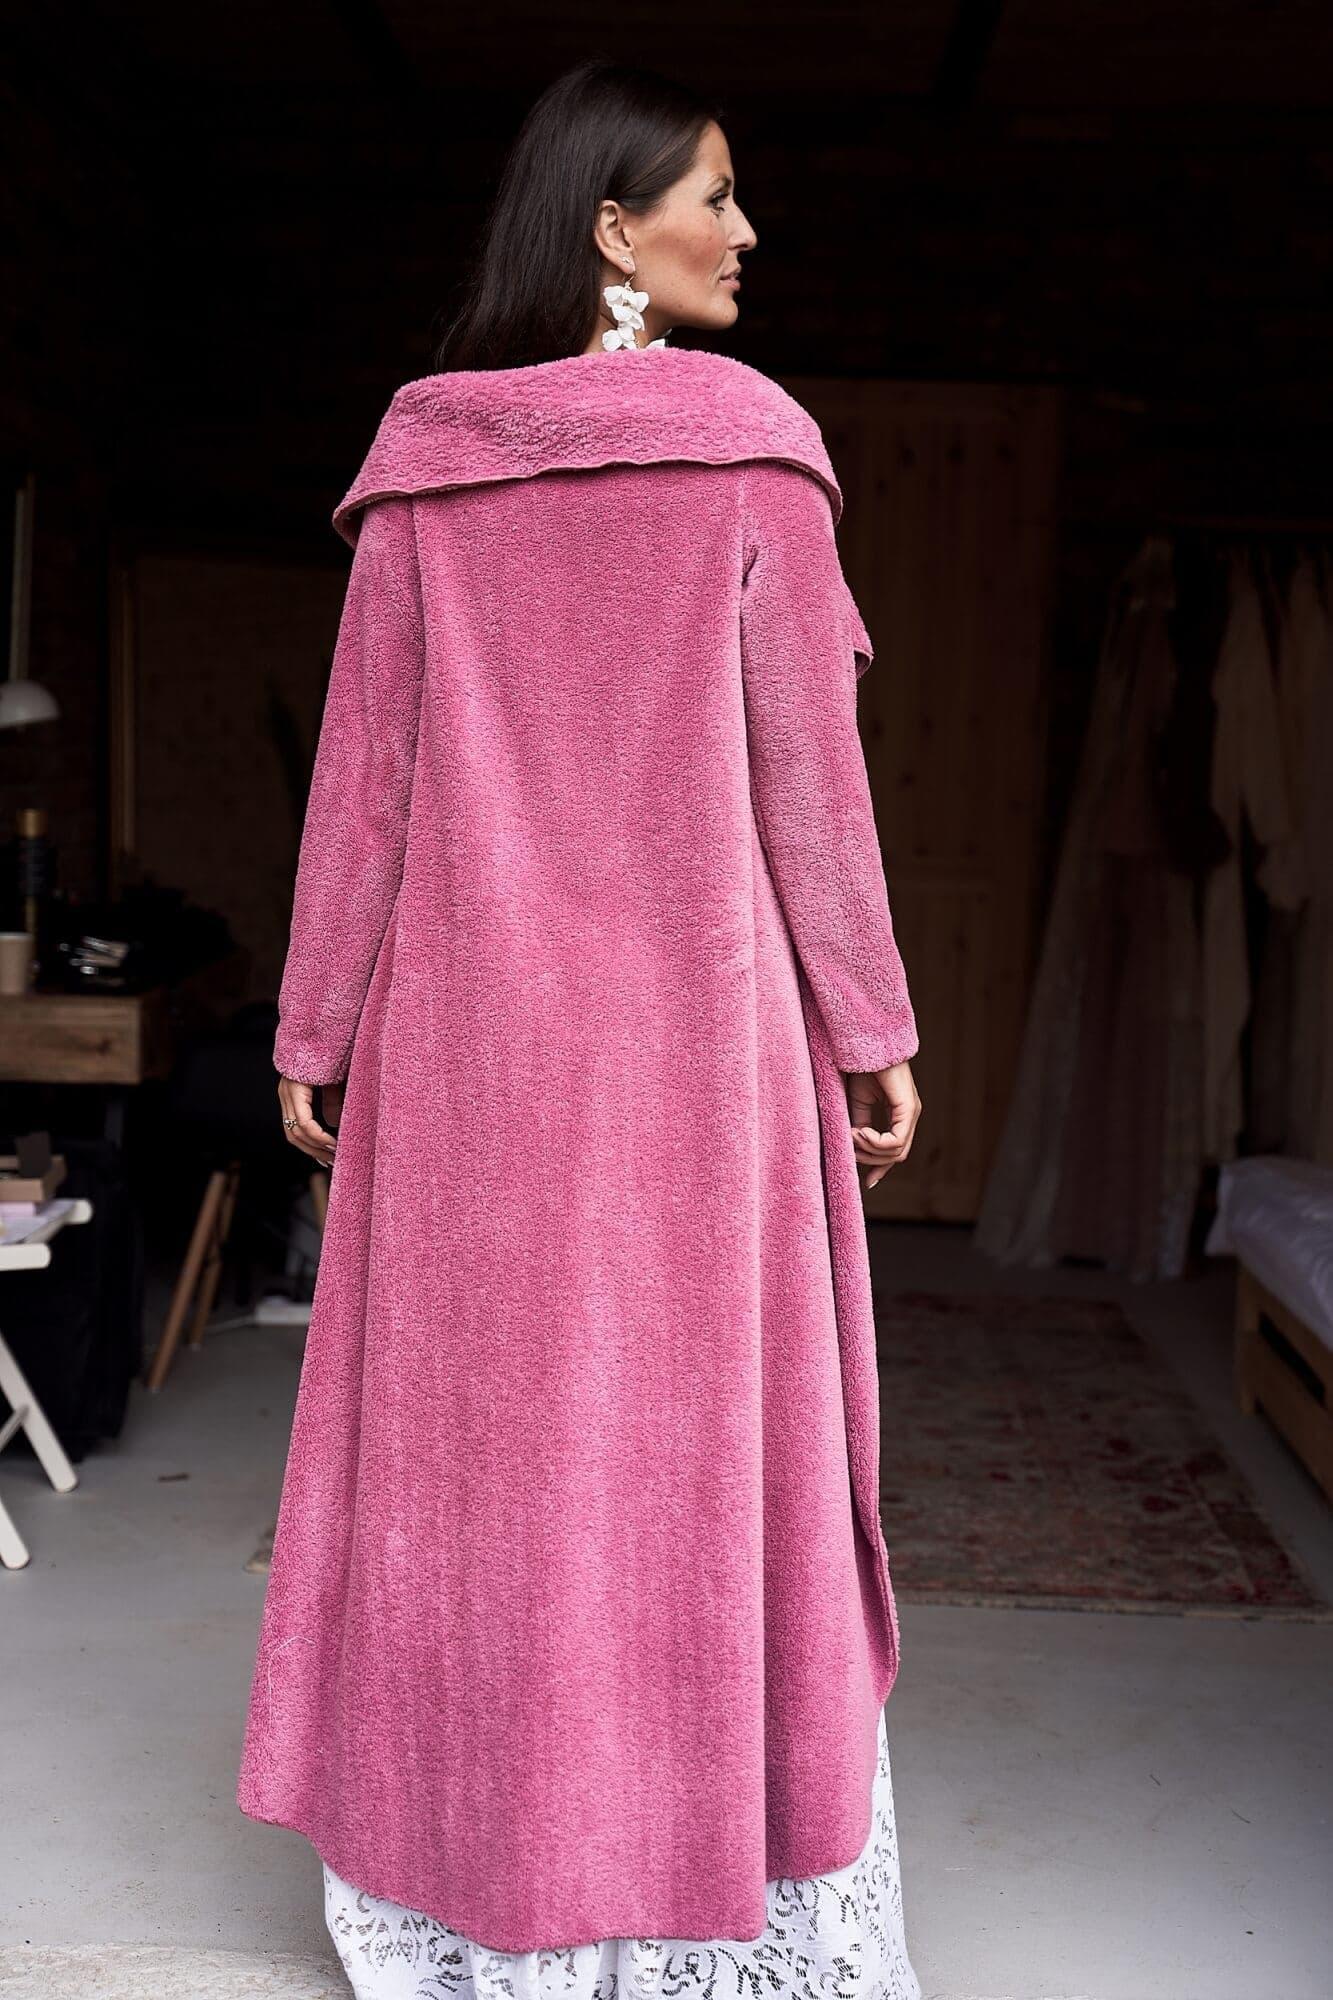 Ślubny sweterek długi z futerka w kolorze różowym